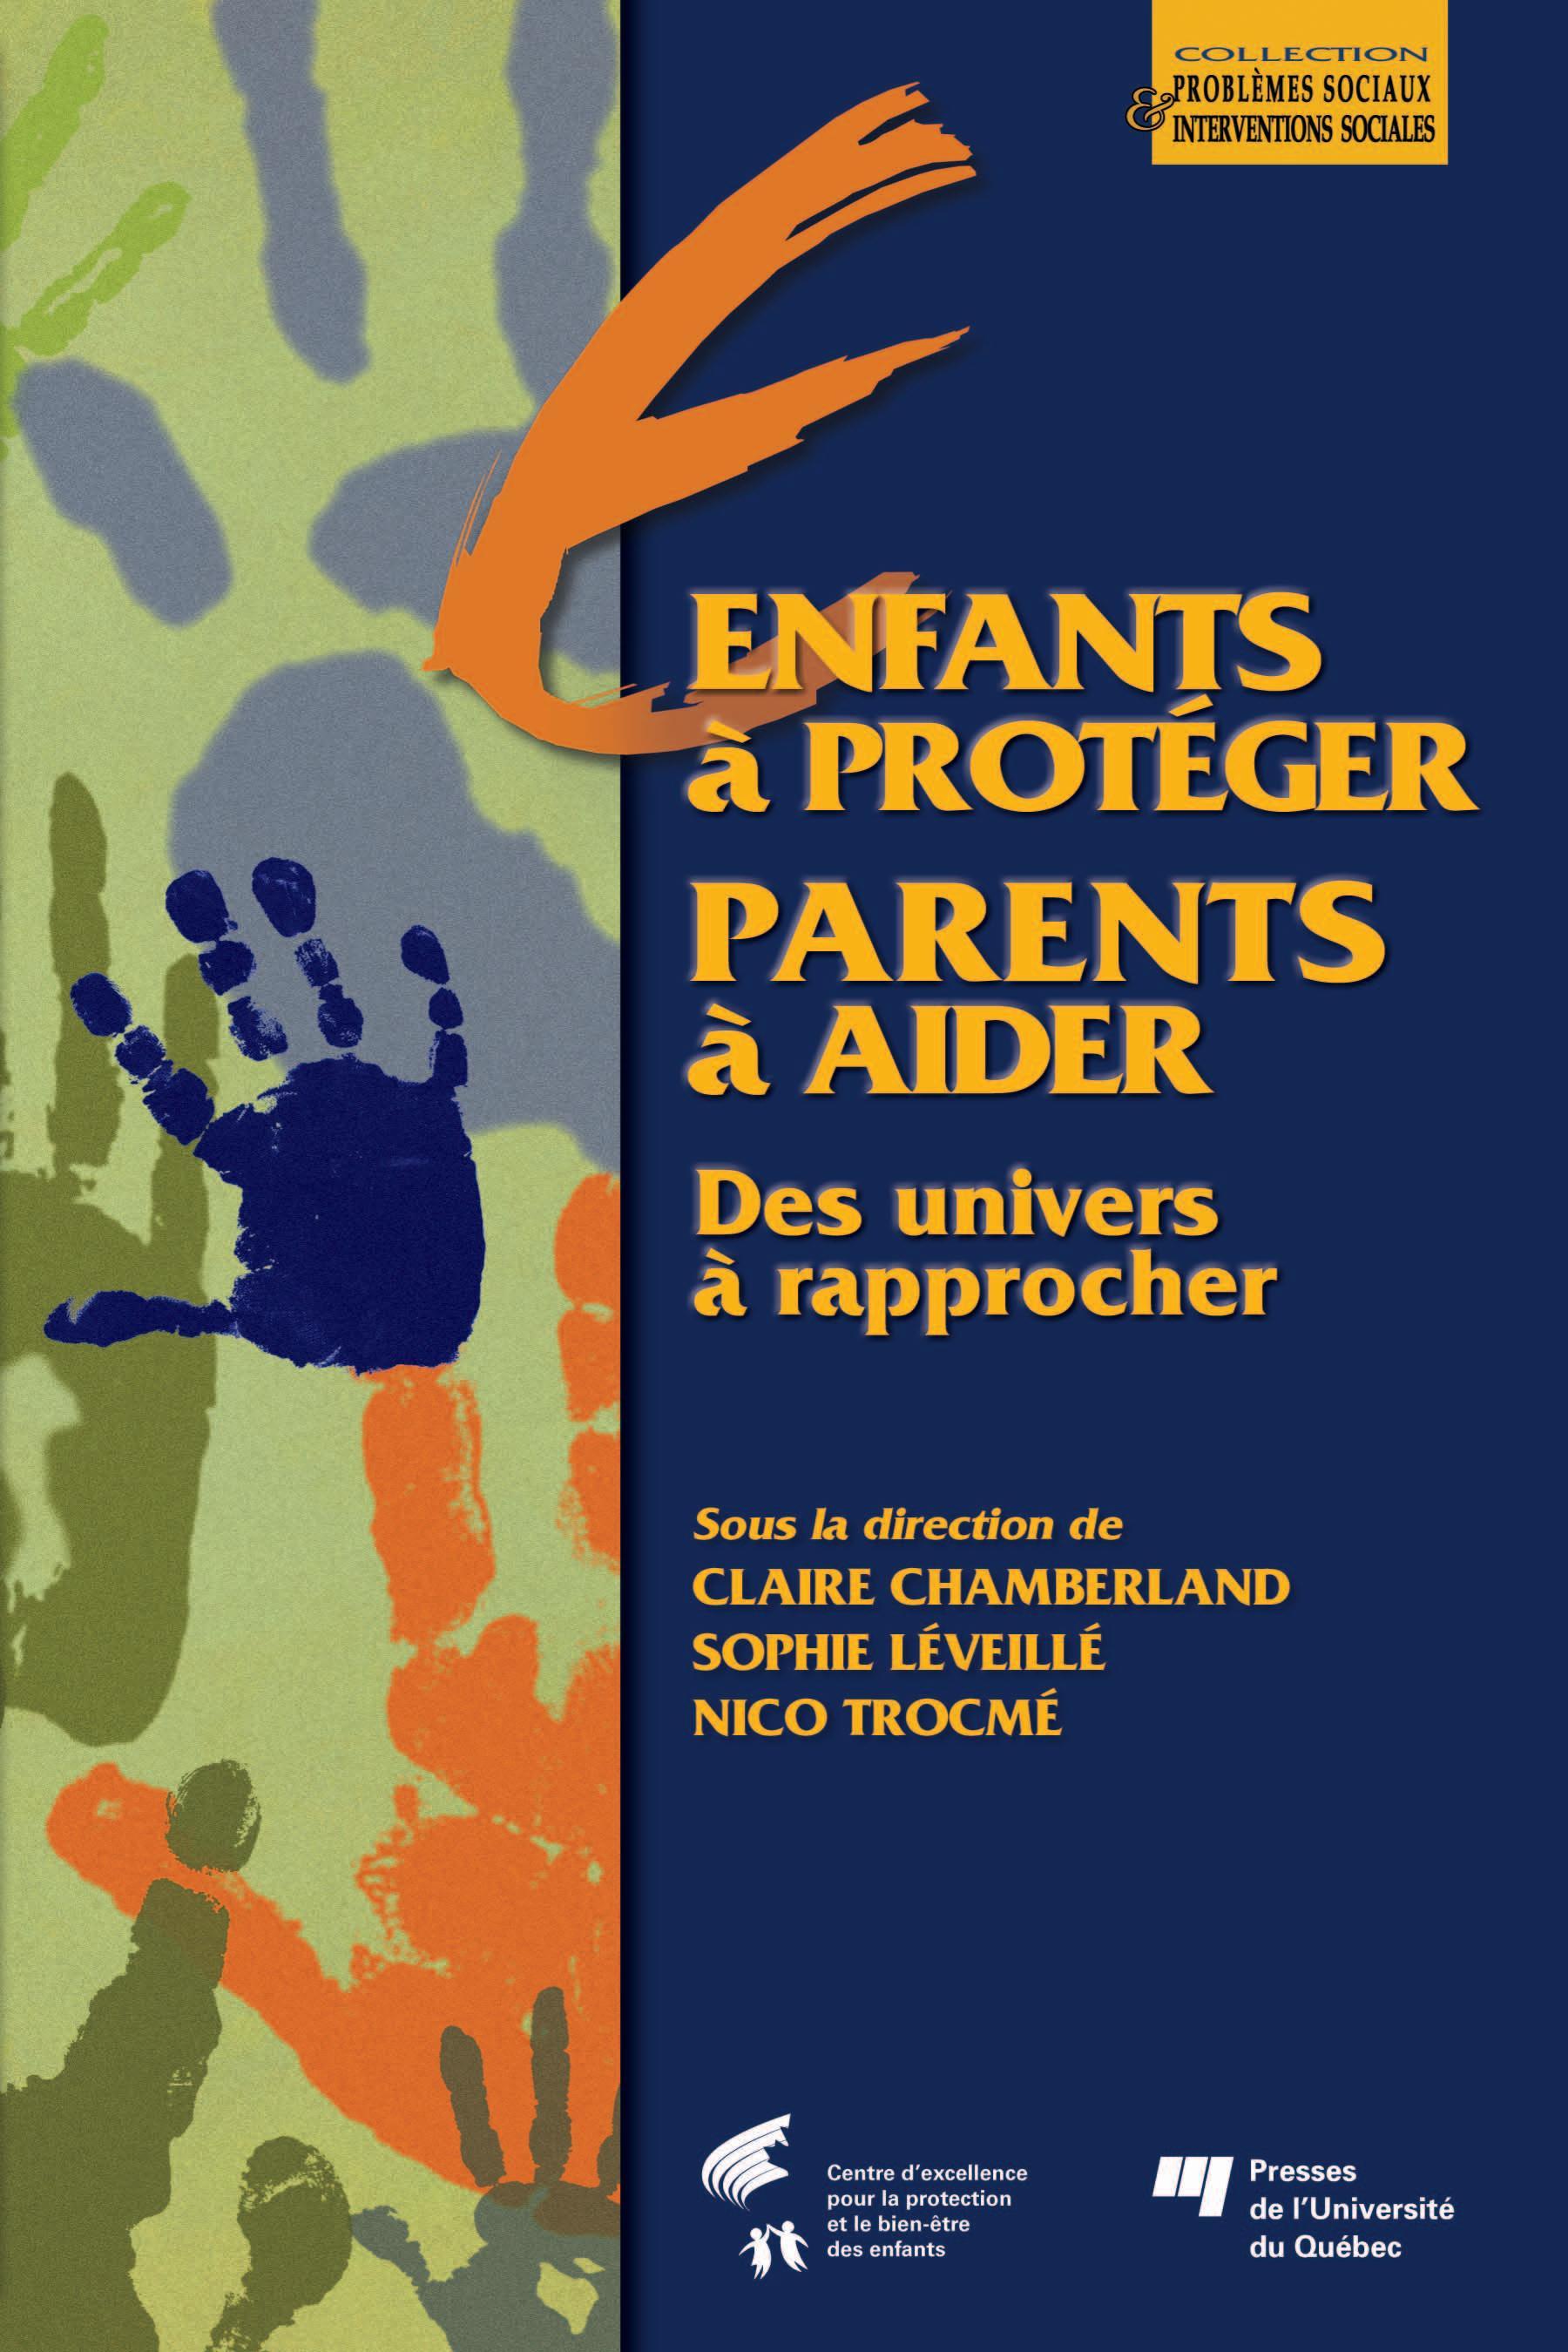 Enfants à protéger, des par...